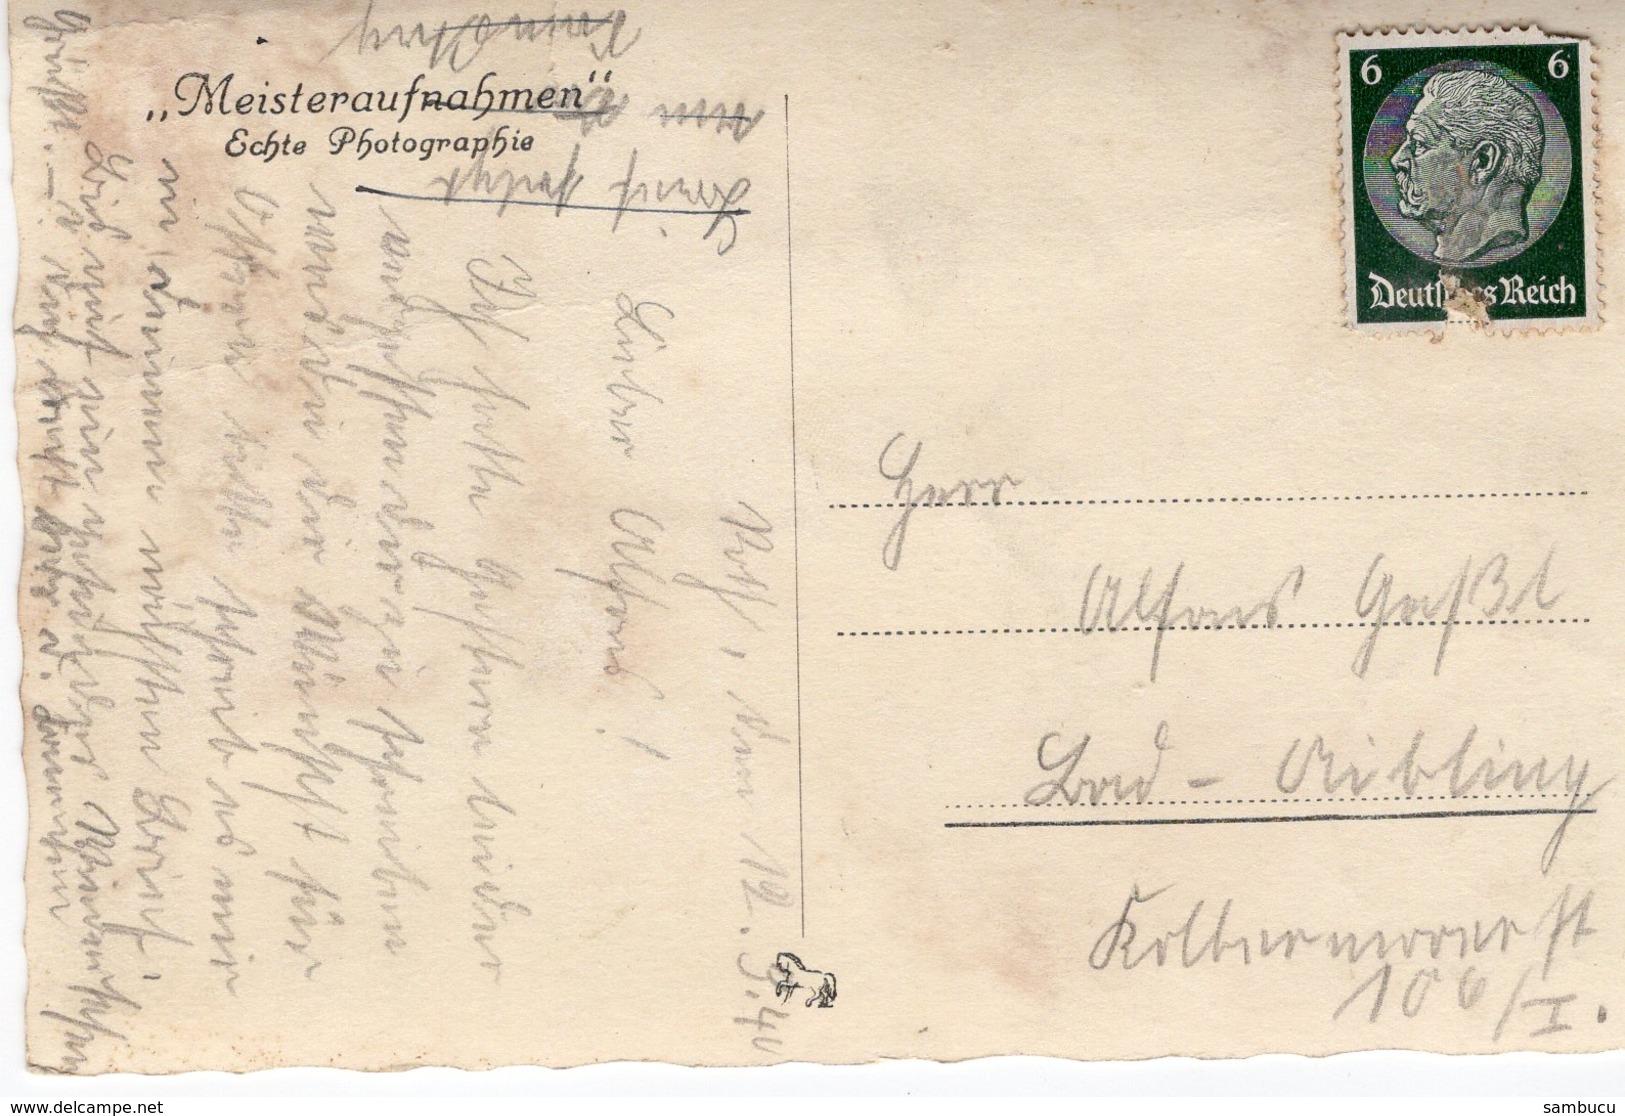 Blumen Für Vati 1940 Vatertag - Feiern & Feste